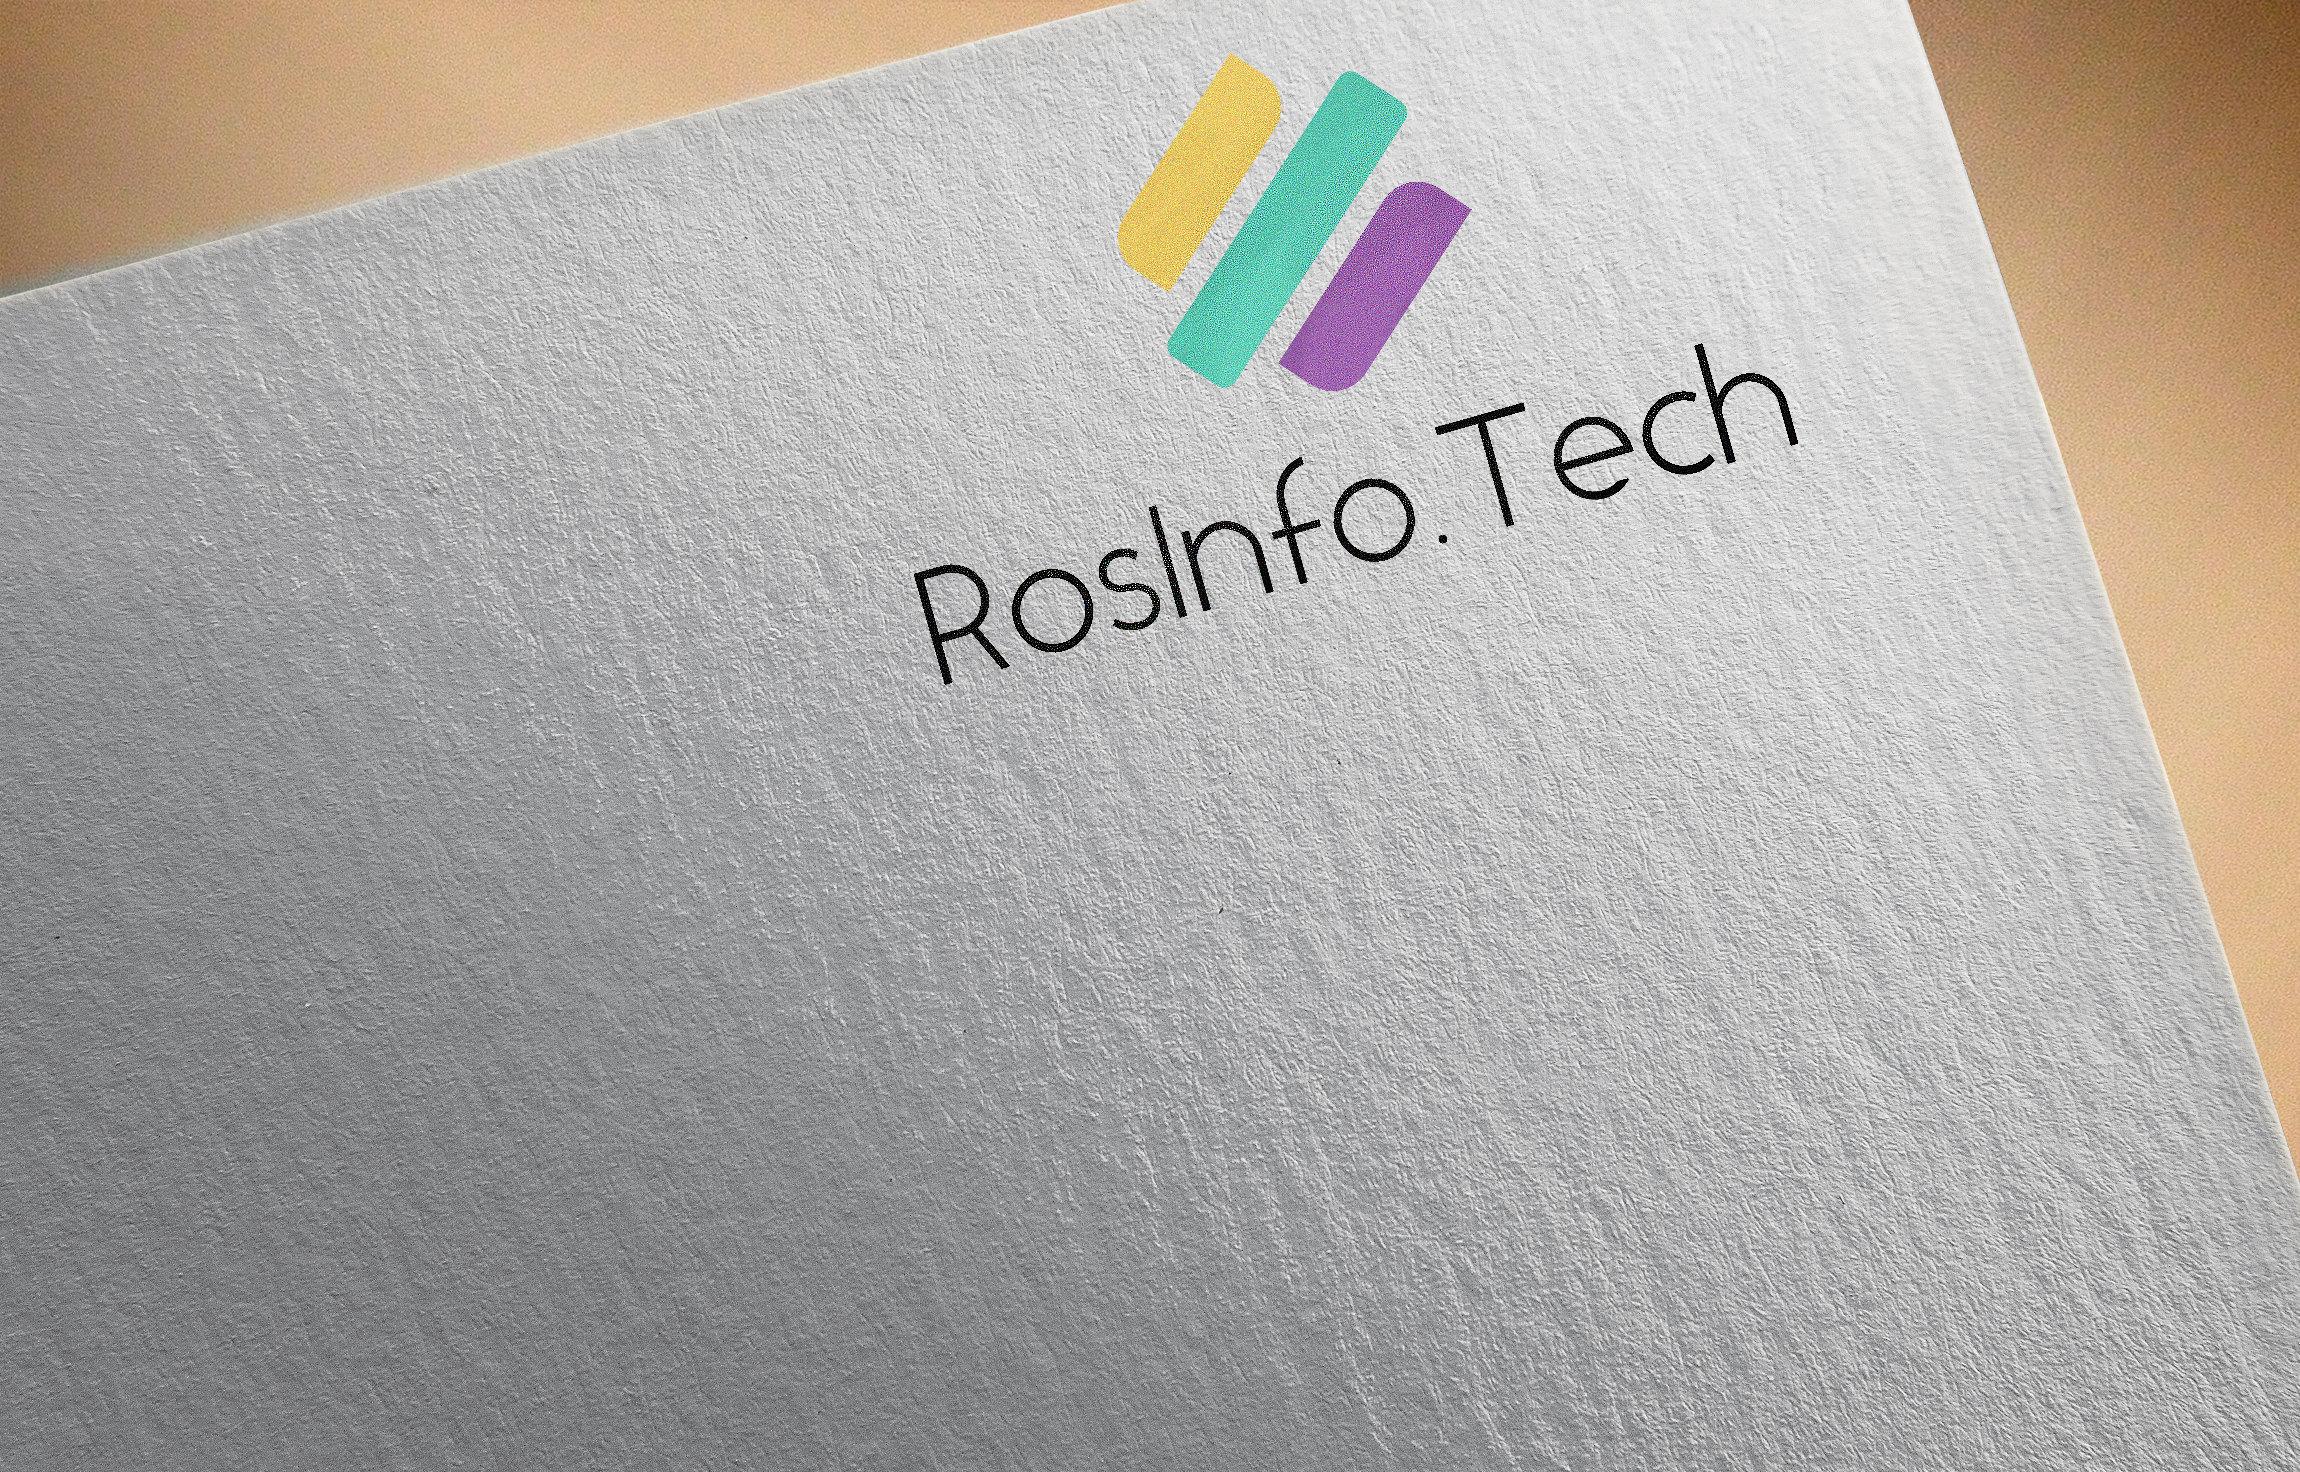 Разработка пакета айдентики rosinfo.tech фото f_4935e1df9c250b41.jpg